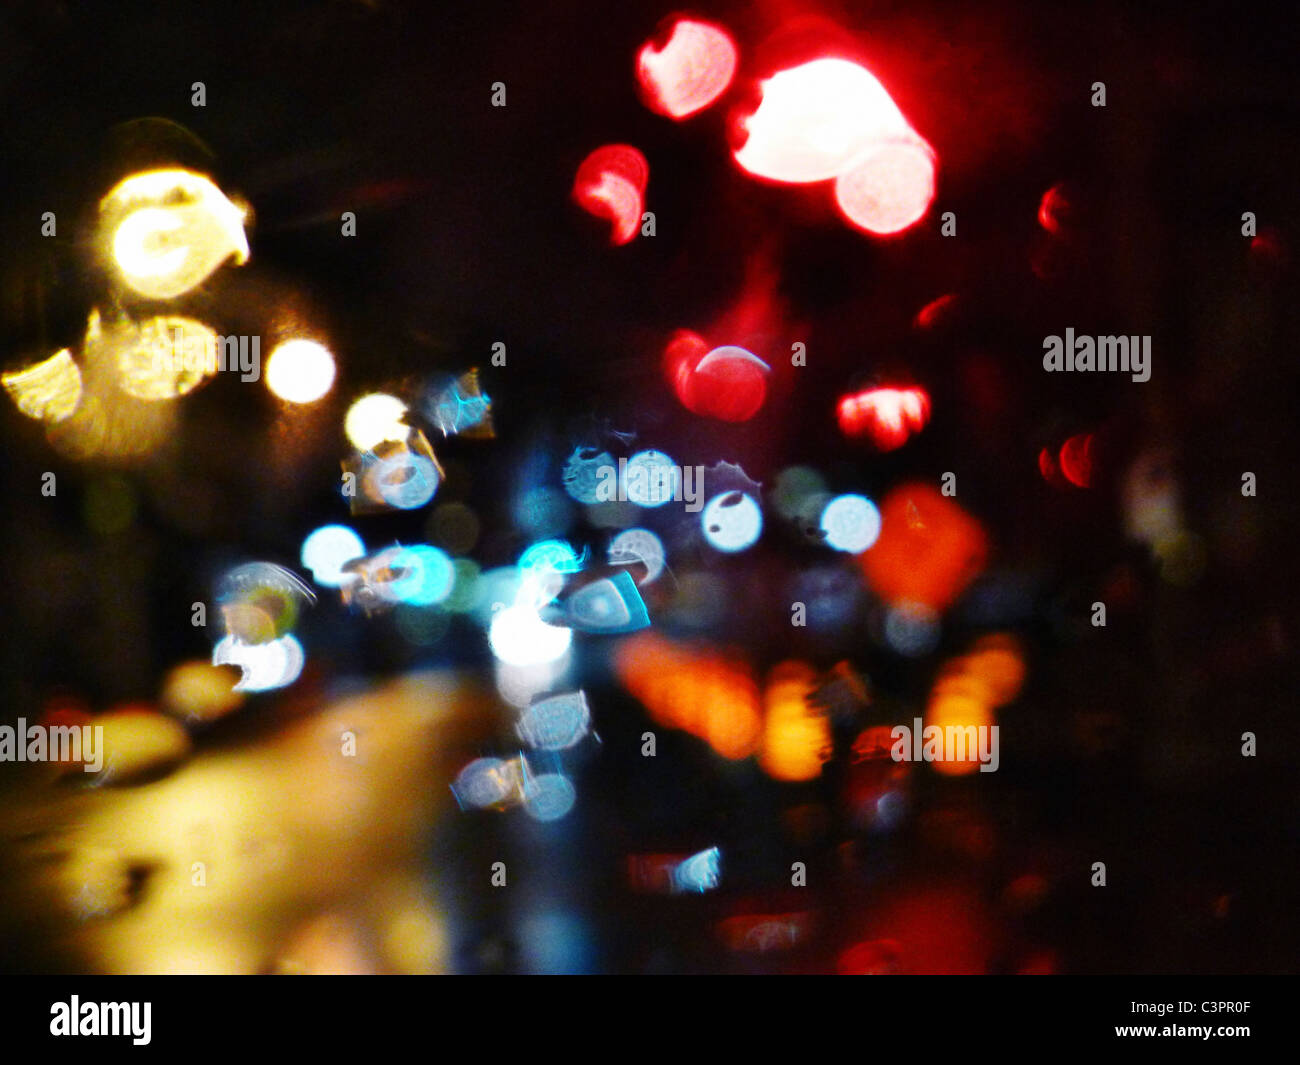 Blurry specular Straße Lichter in der Nacht. Stockbild